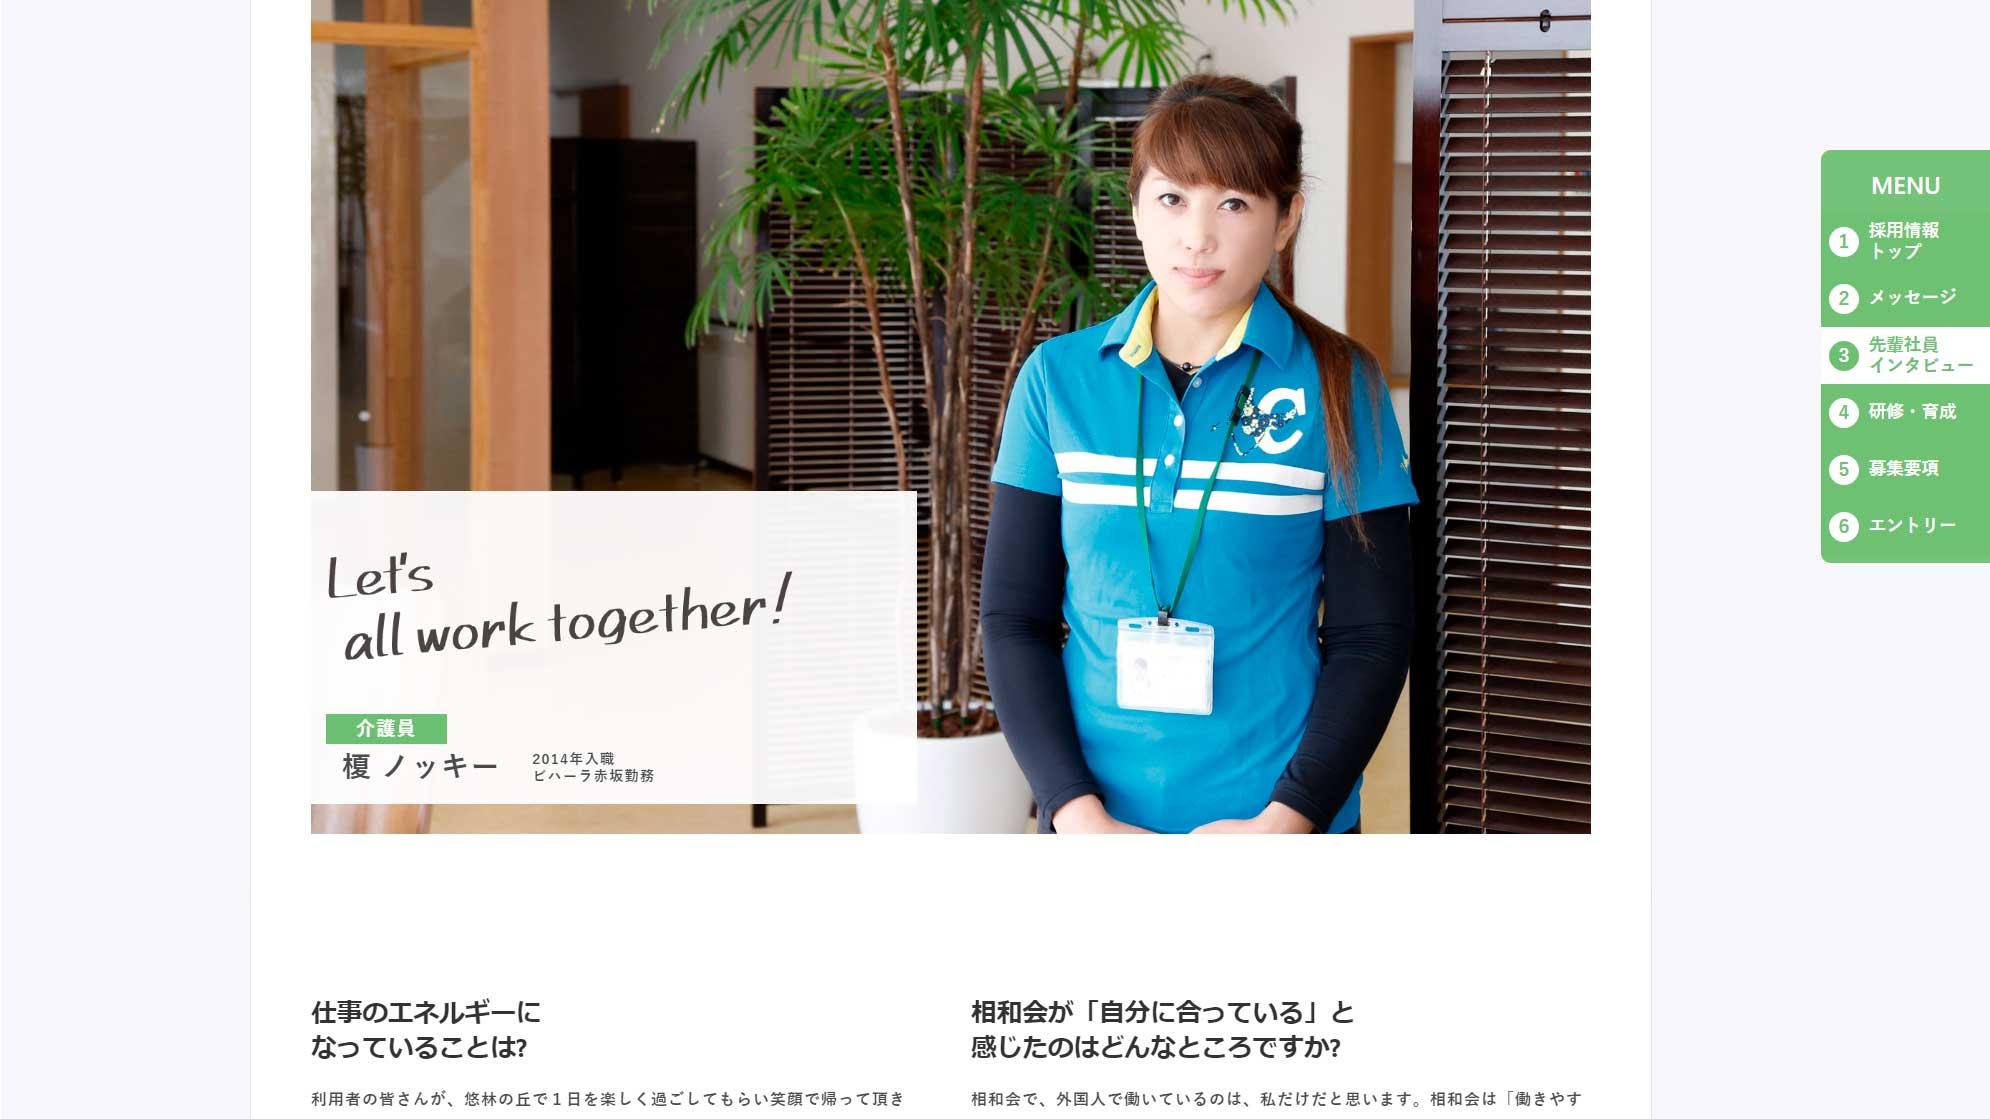 社会福祉法人 相和会 (採用特設サイト)PCのイメージ